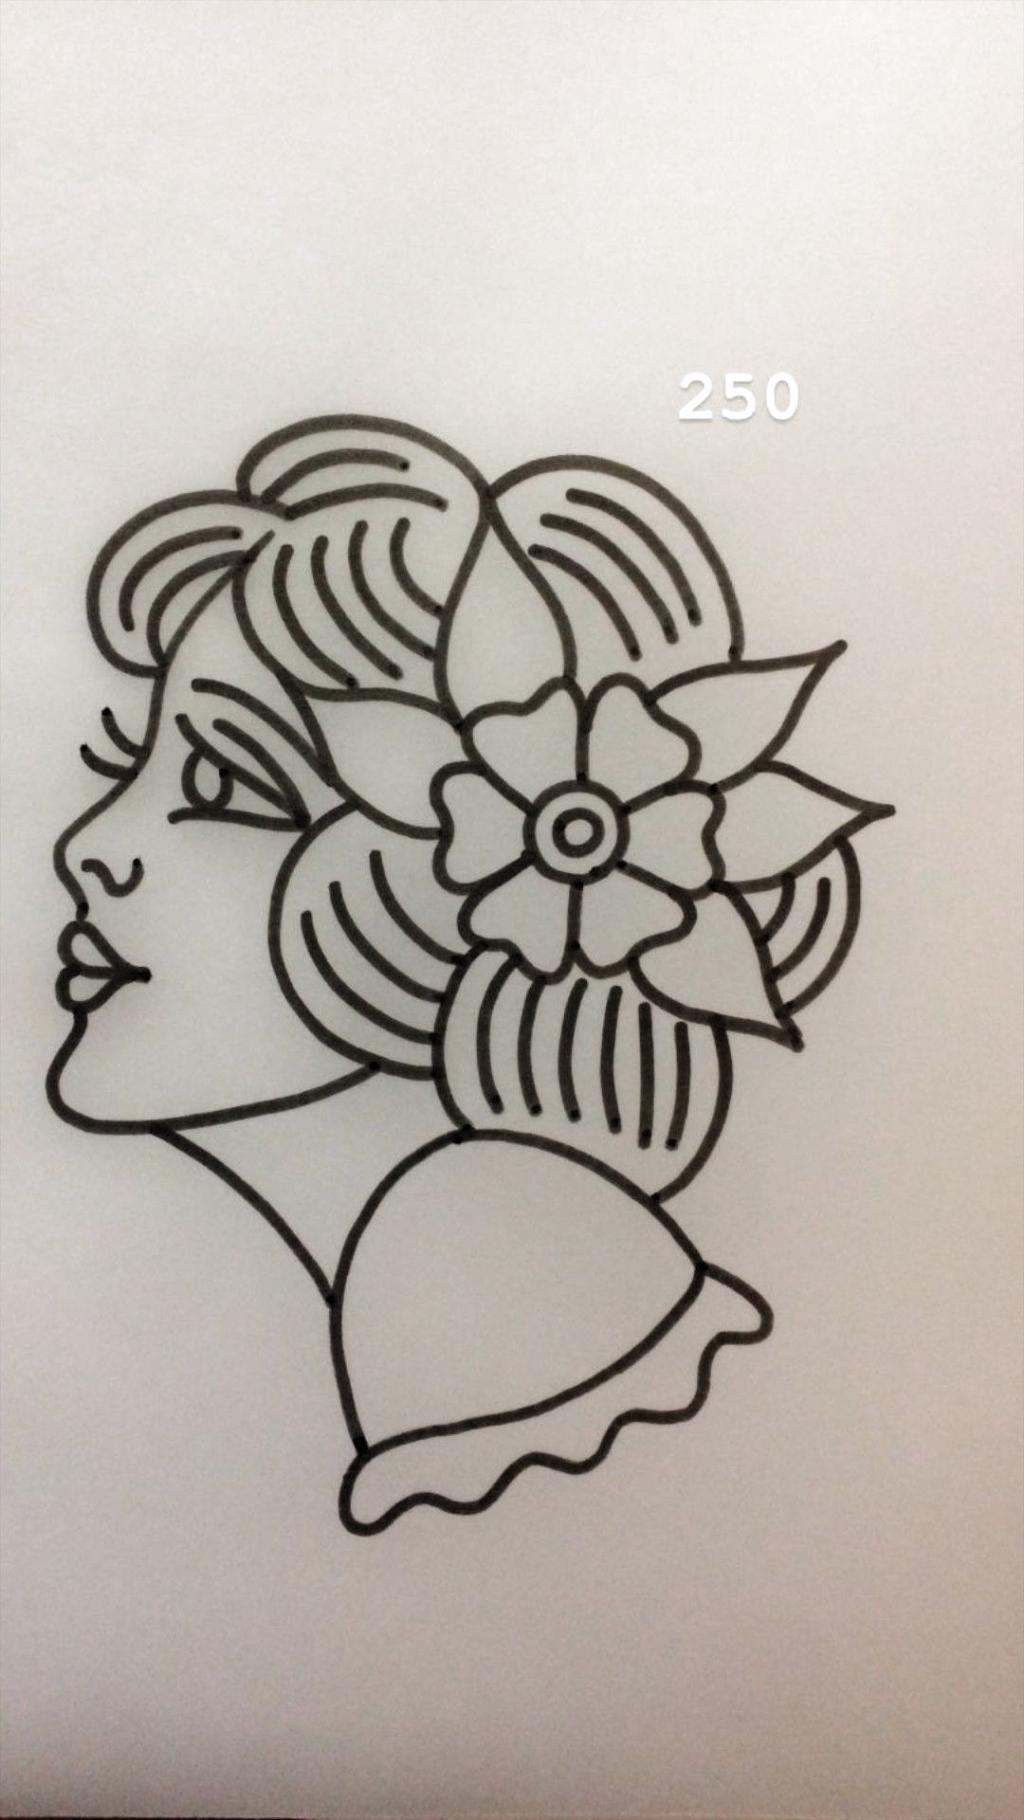 Tradi Vrouwen Tattoo Tradi Vrouwen Tattoo Geometrictattoos Nordictattoo Tattoo Tattooink In 2020 Tattoo Stencil Outline Tattoo Stencils Traditional Tattoo Art